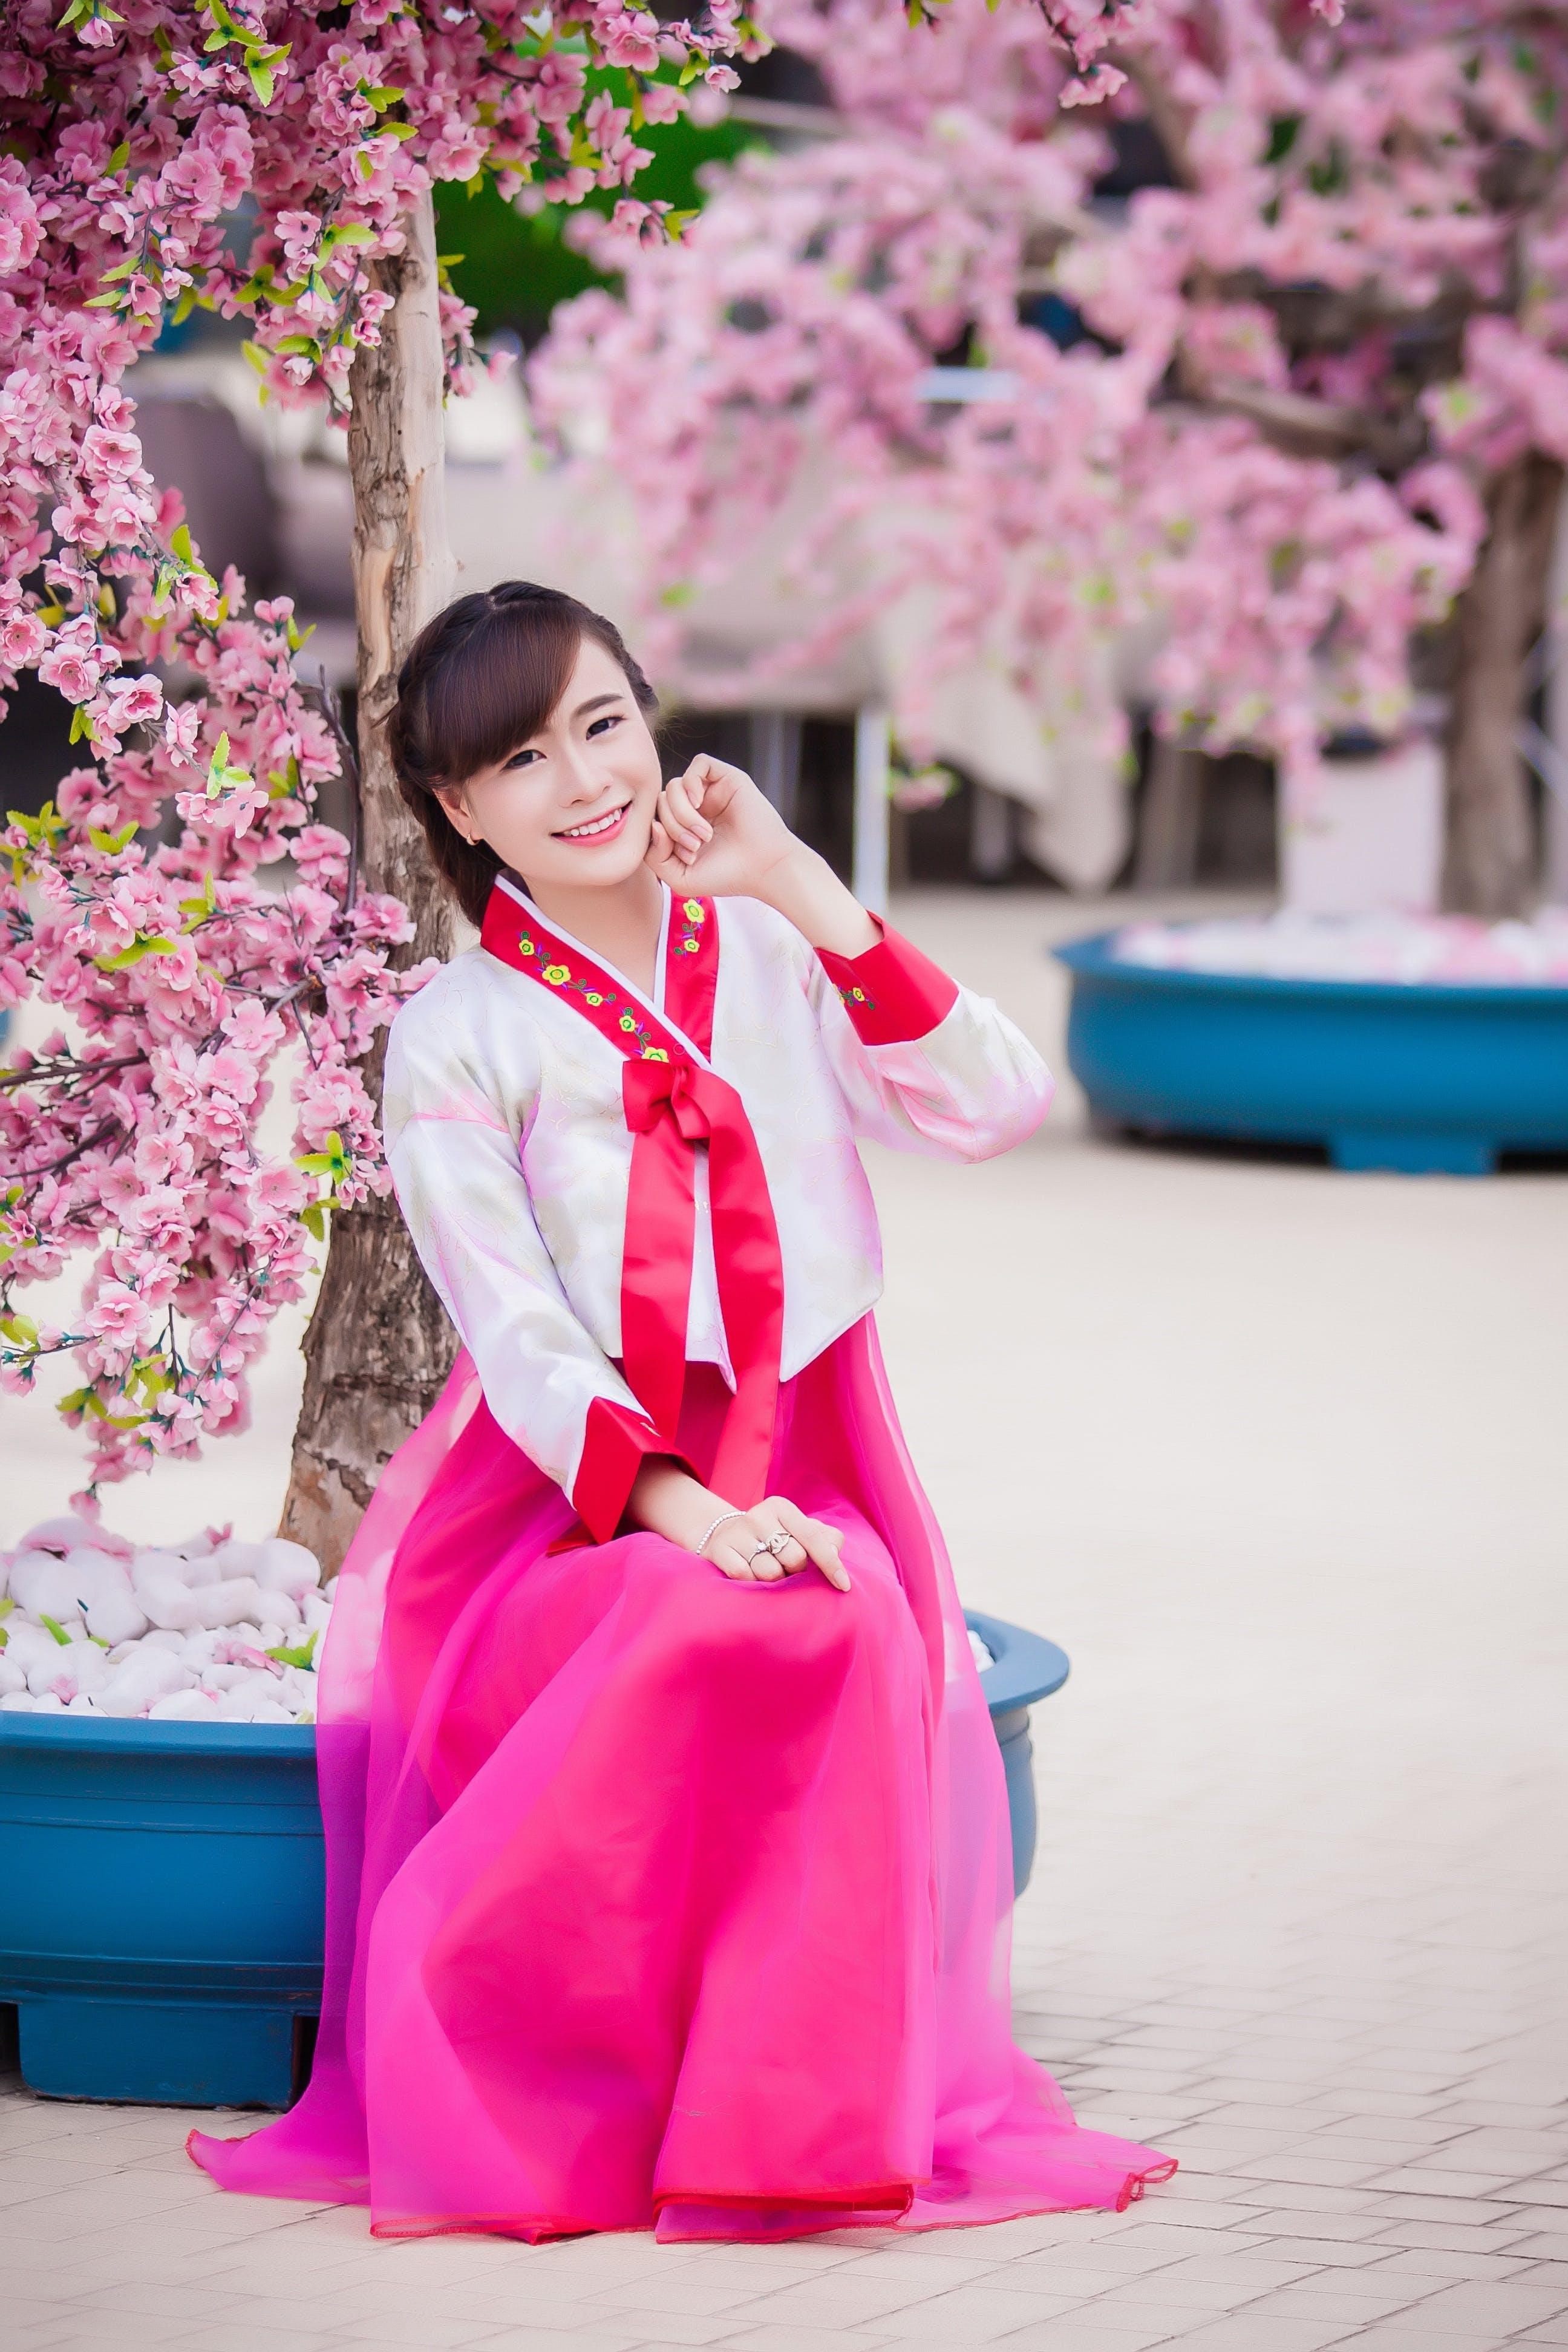 Woman Wearing Pink Kimono